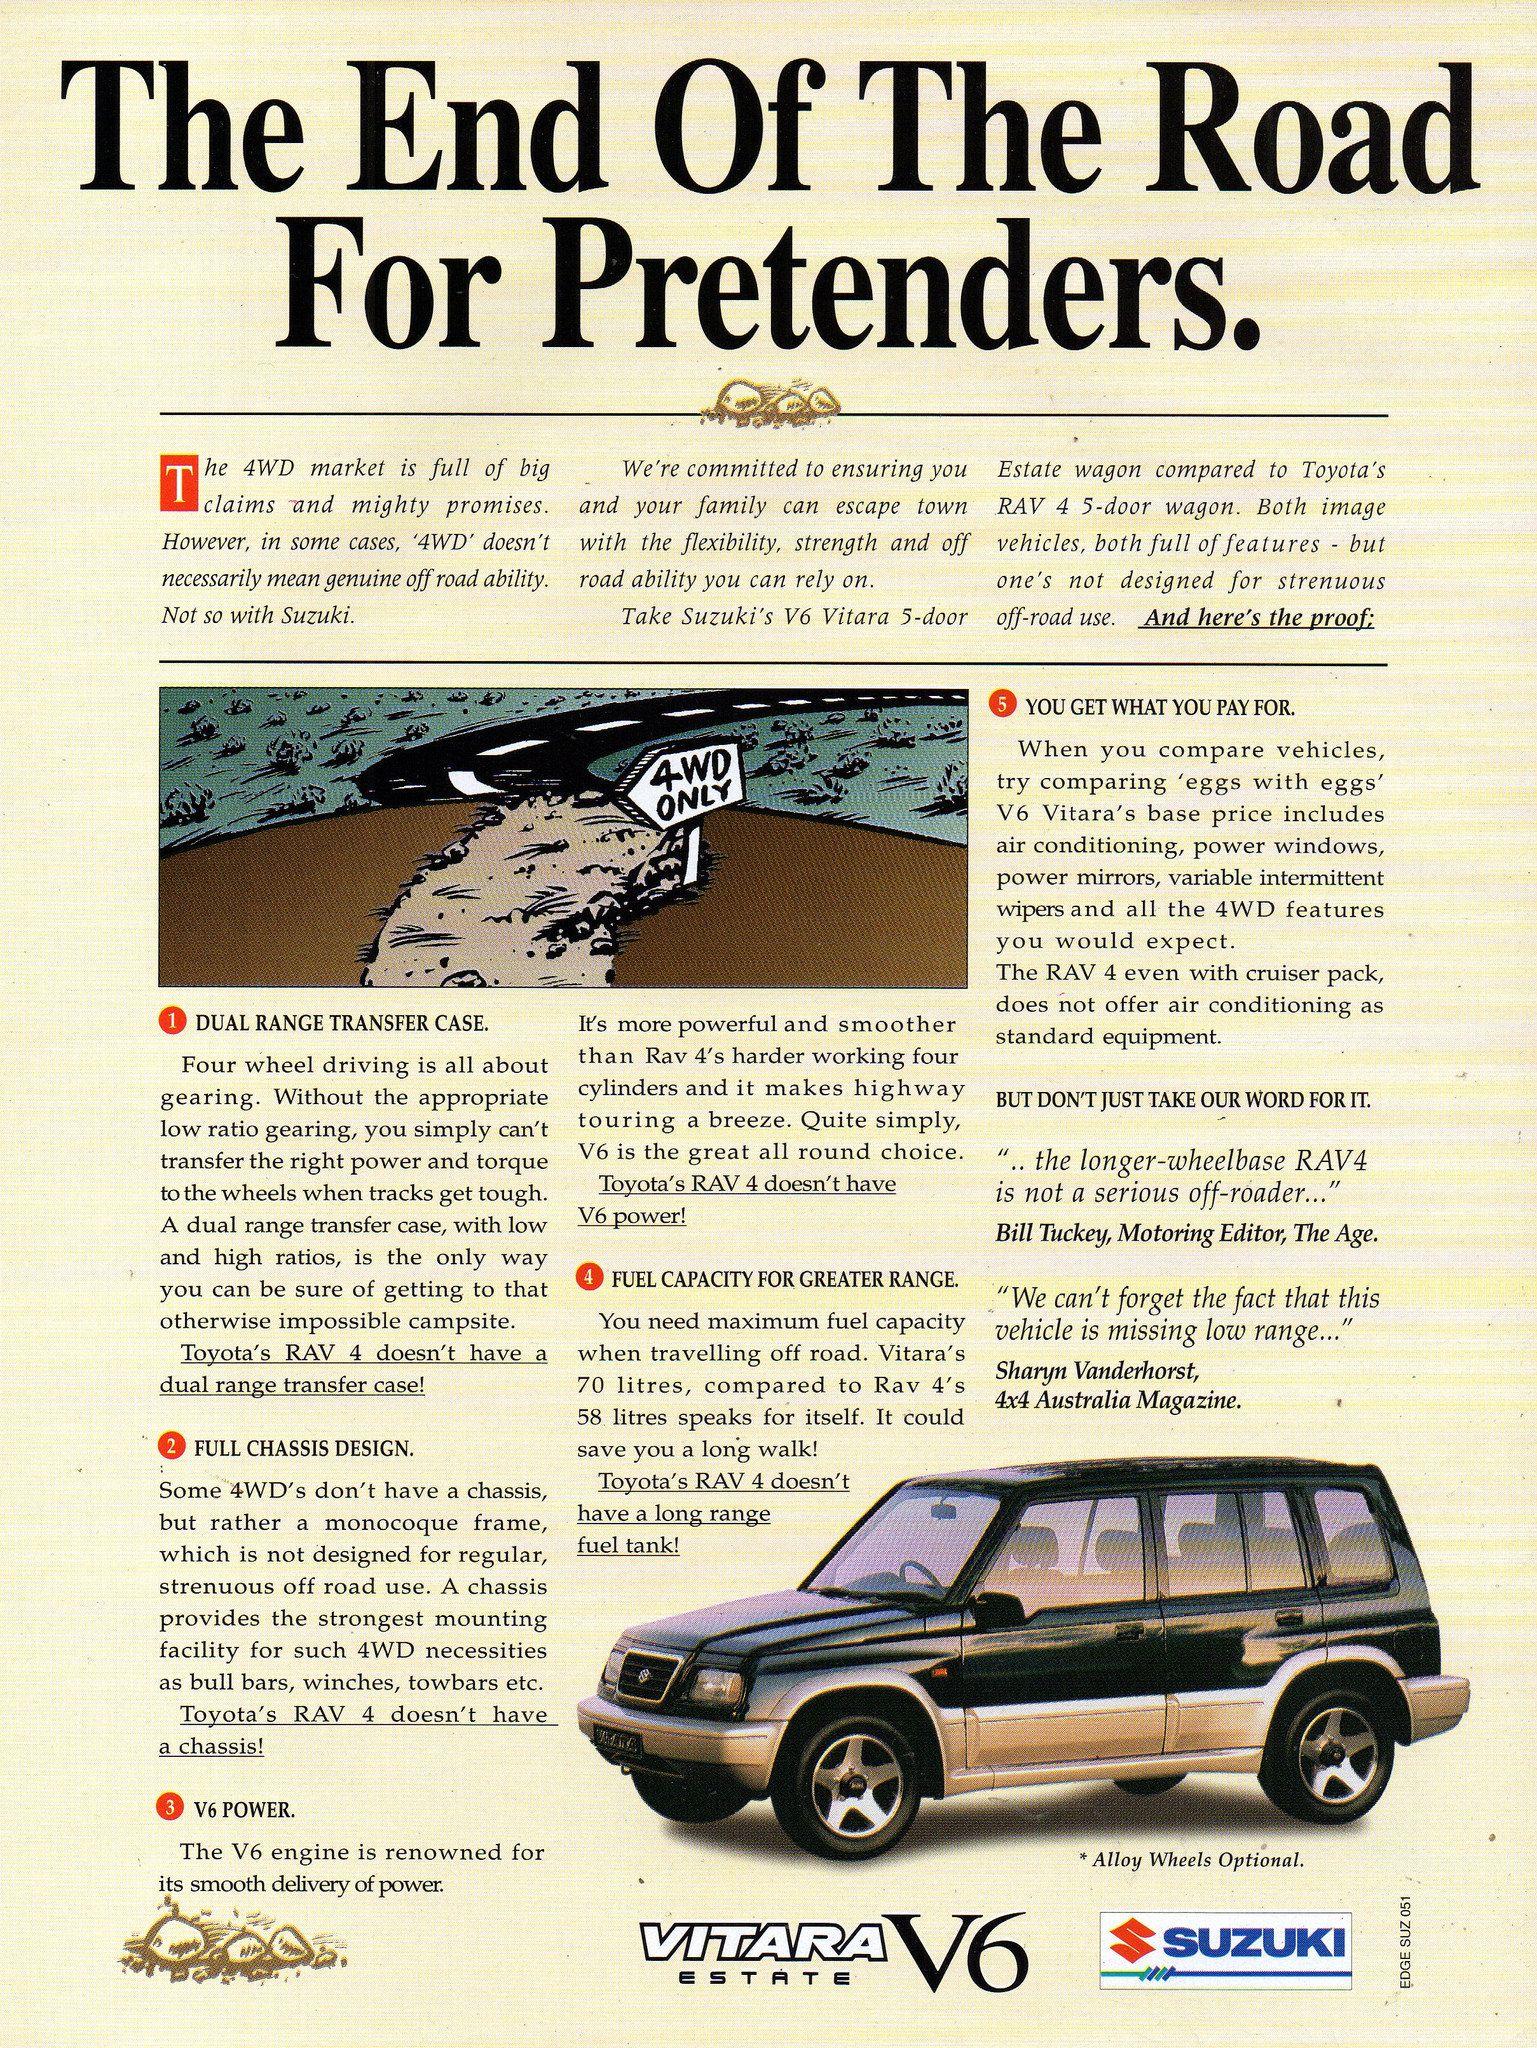 1995 Suzuki Vitara V6 4wd Estate Aussie Original Magazine Advertisement Suzuki Australian Cars Japanese Cars